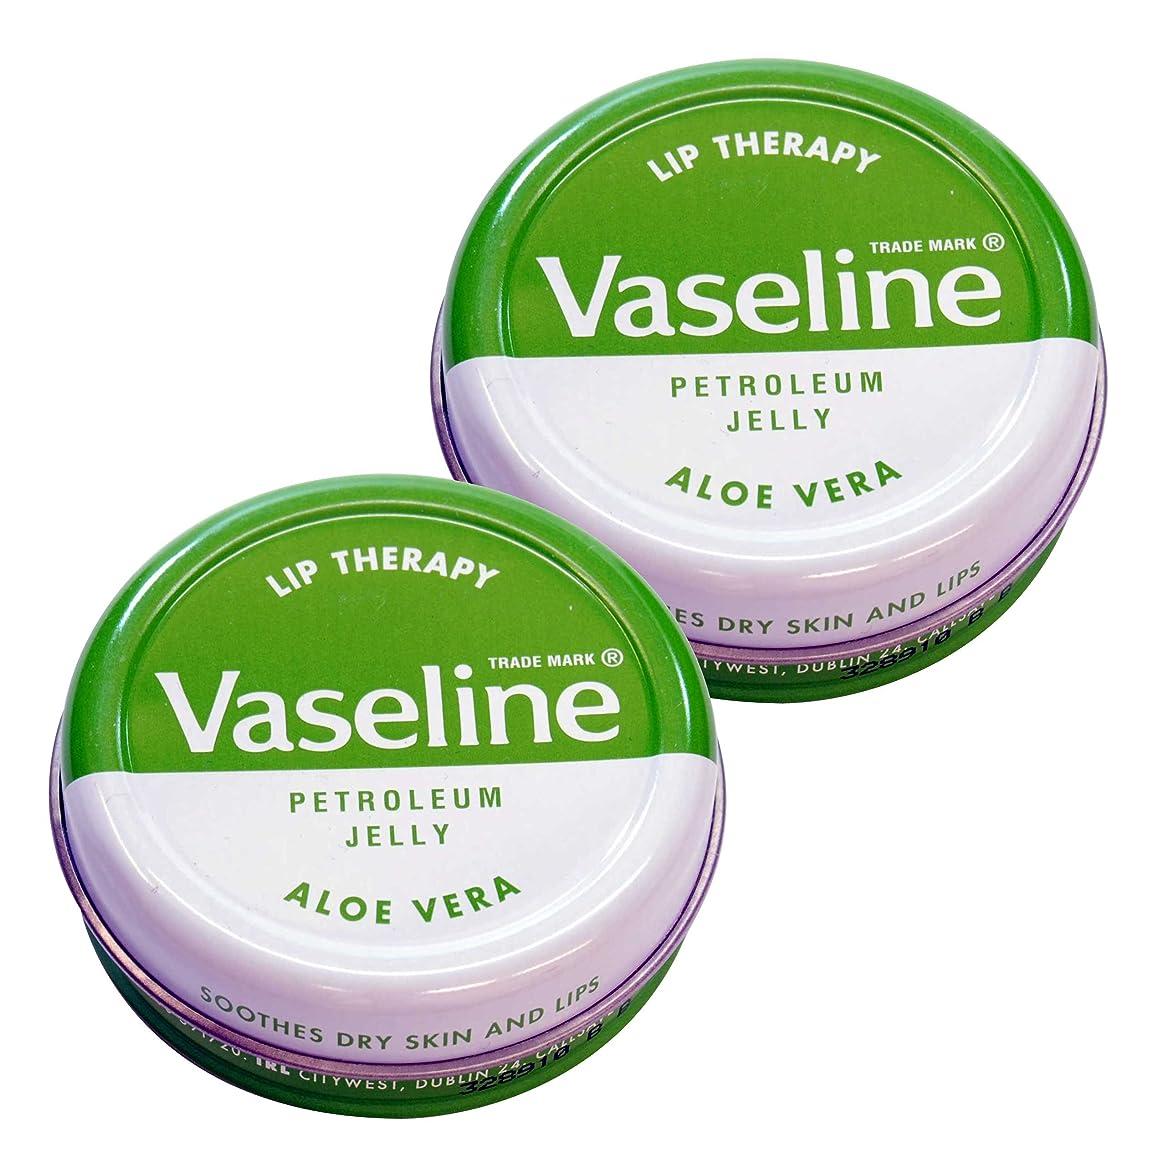 アセンブリ独裁シルクVaseline Lip Therapy <ヴァセリン リップセラピー> 20g Aloe <アロエ> 2個セット 【並行輸入品】【海外直送品】